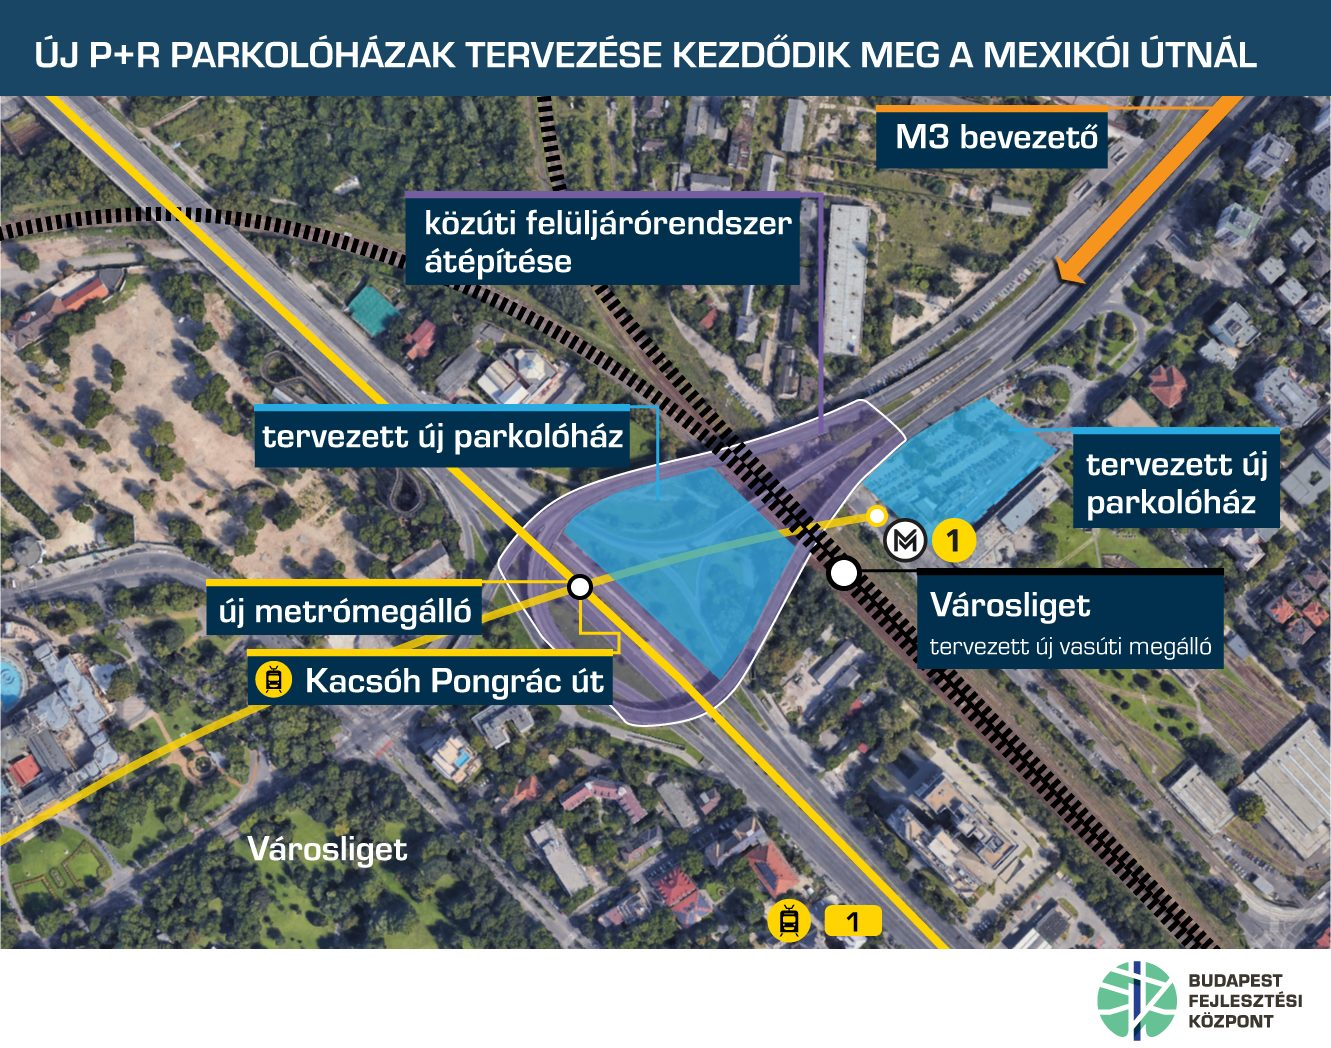 A KÖZTI tervezheti a városligeti parkolóházakat